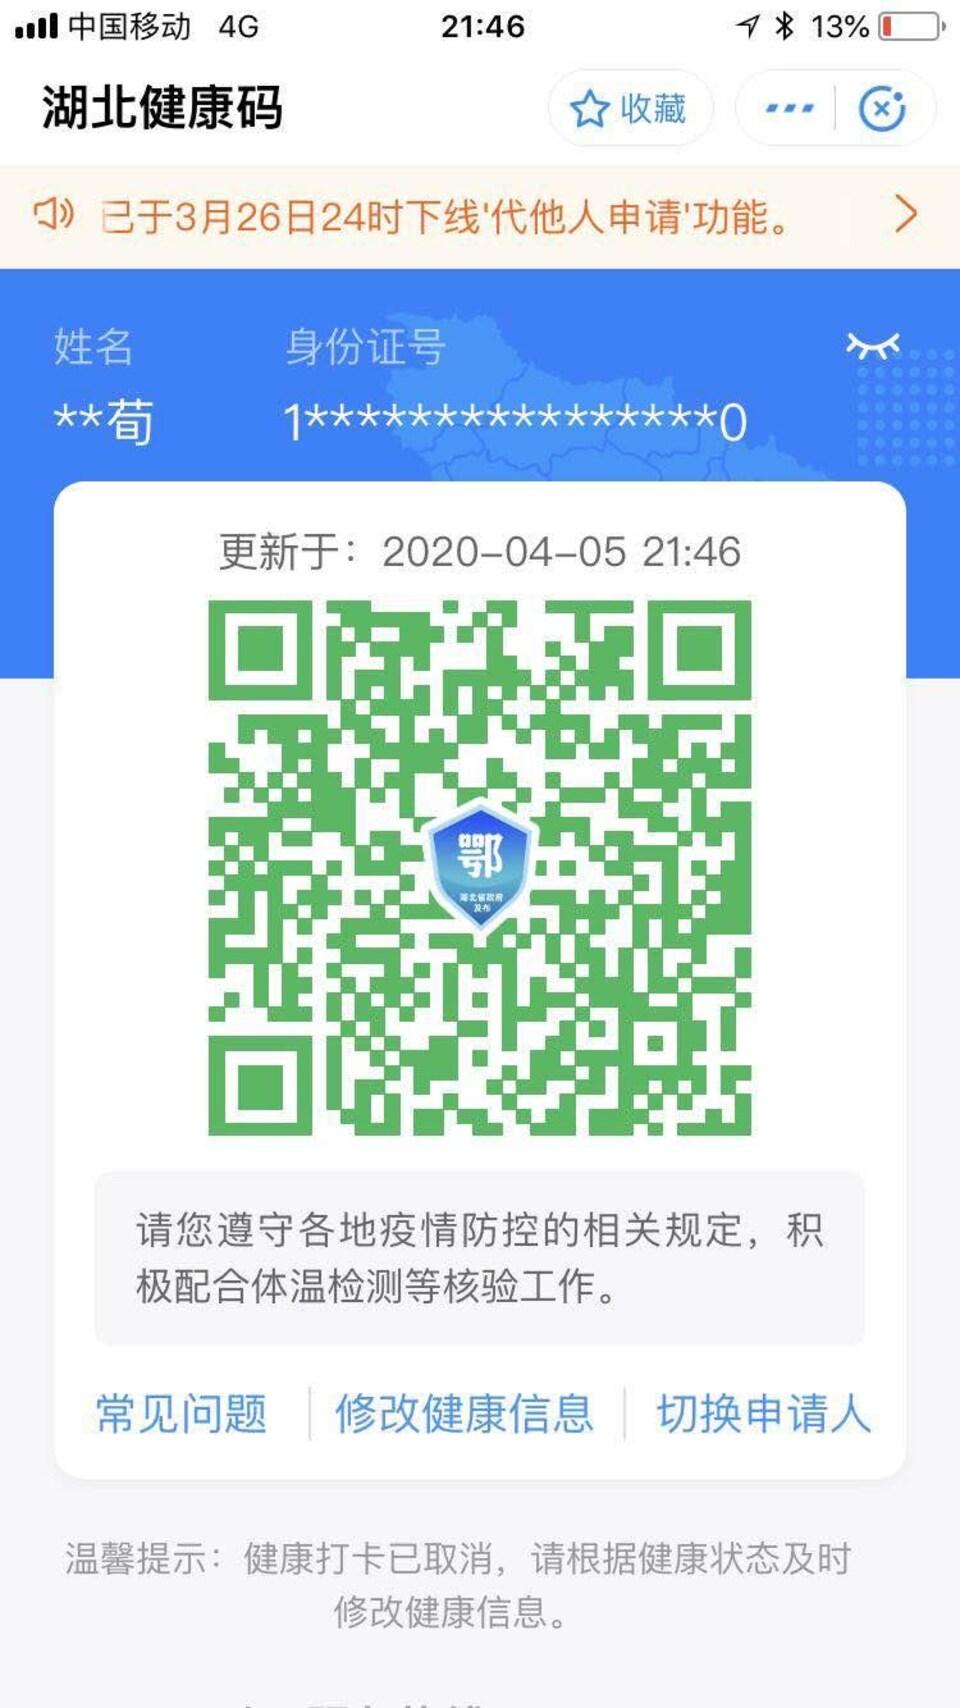 Un code apparaît sur un téléphone intelligent et permet ou non de circuler à Wuhan.